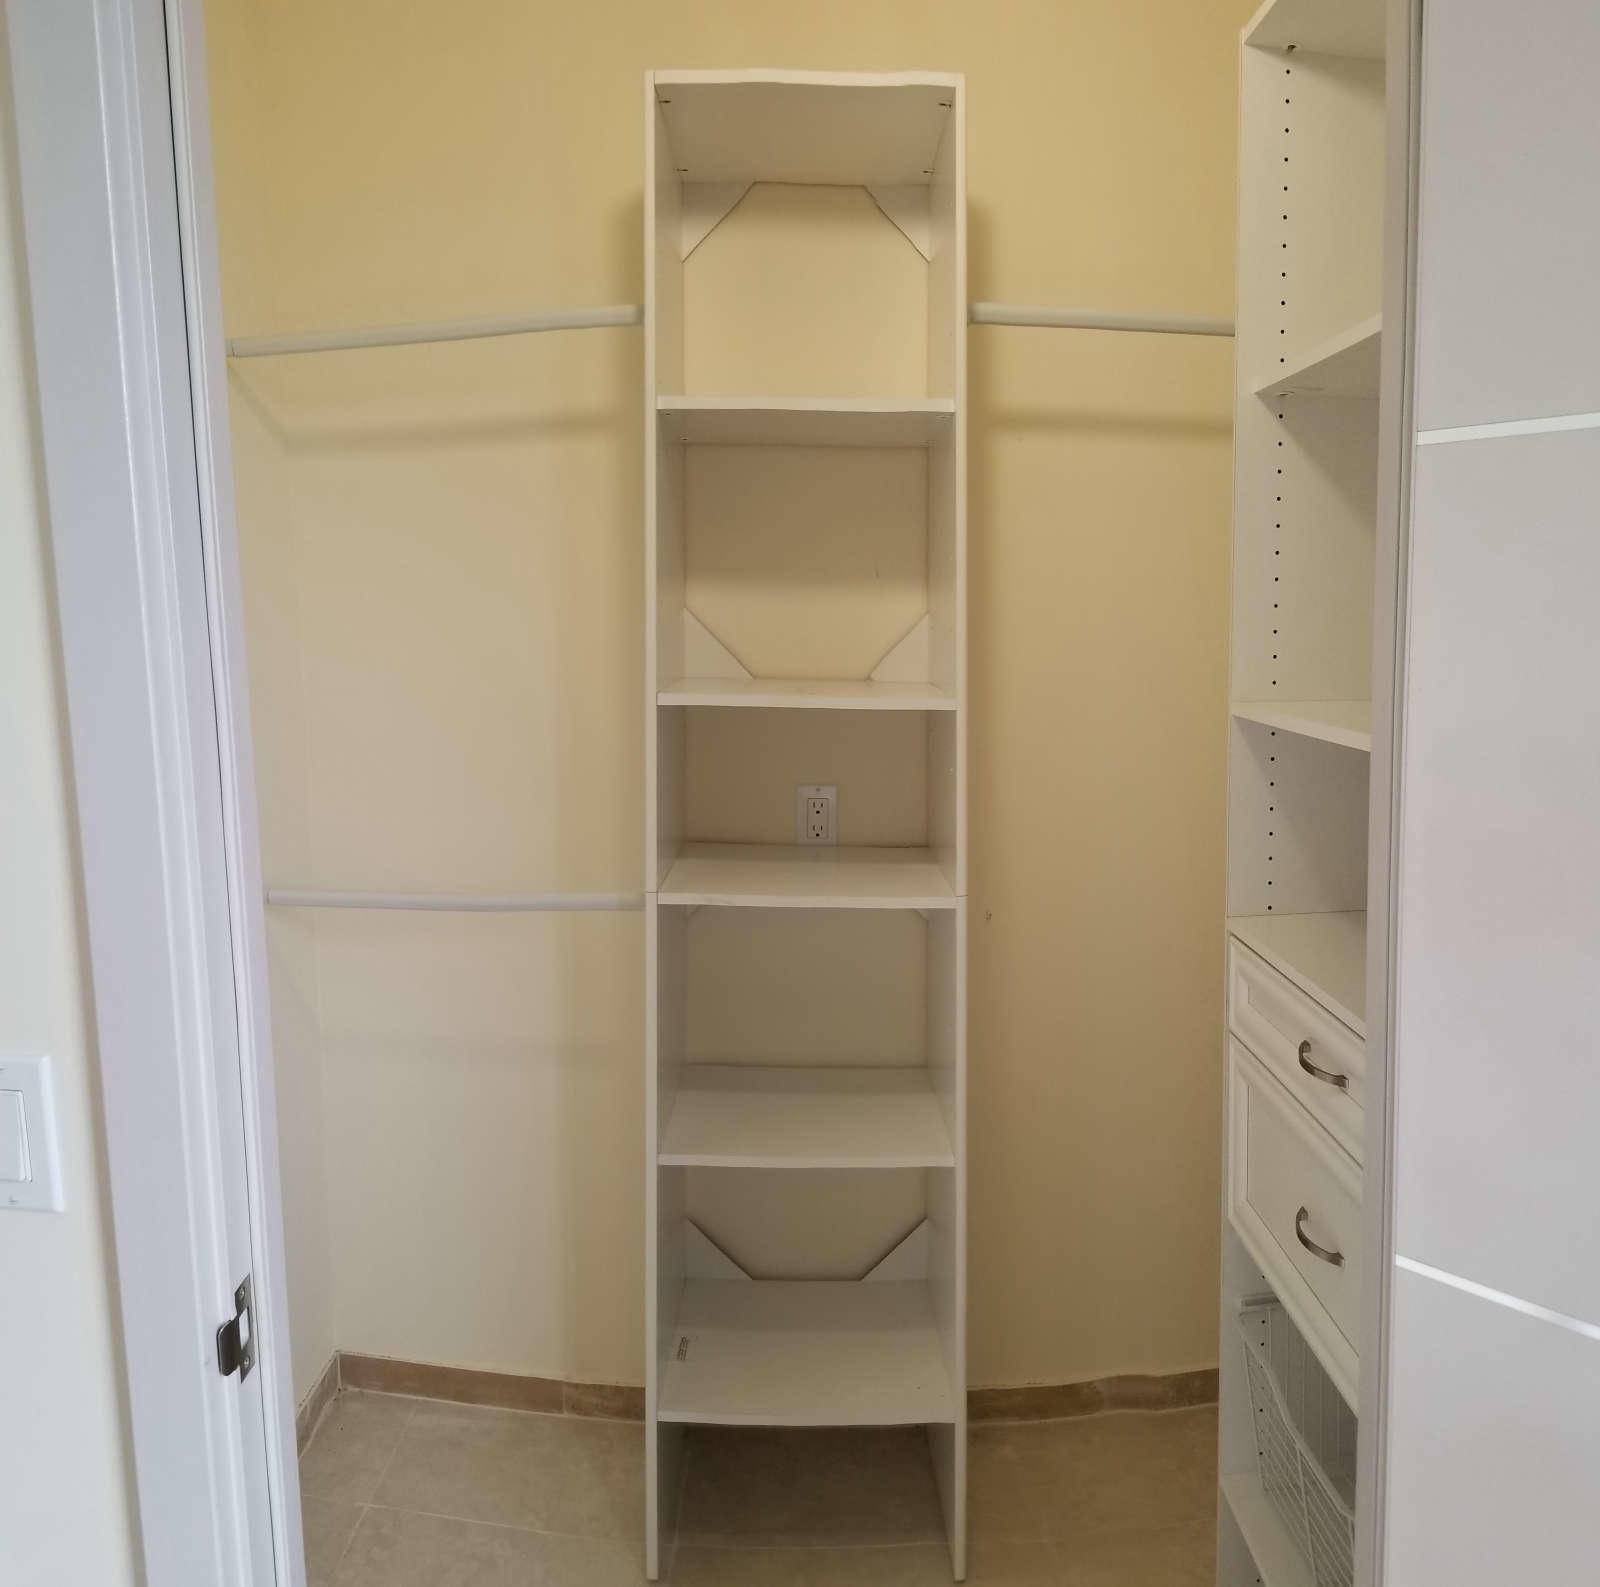 556 Burgundy L, Delray Beach, Florida 33484, 3 Bedrooms Bedrooms, ,2 BathroomsBathrooms,Condo/Coop,For Sale,Burgundy L,2,RX-10670927